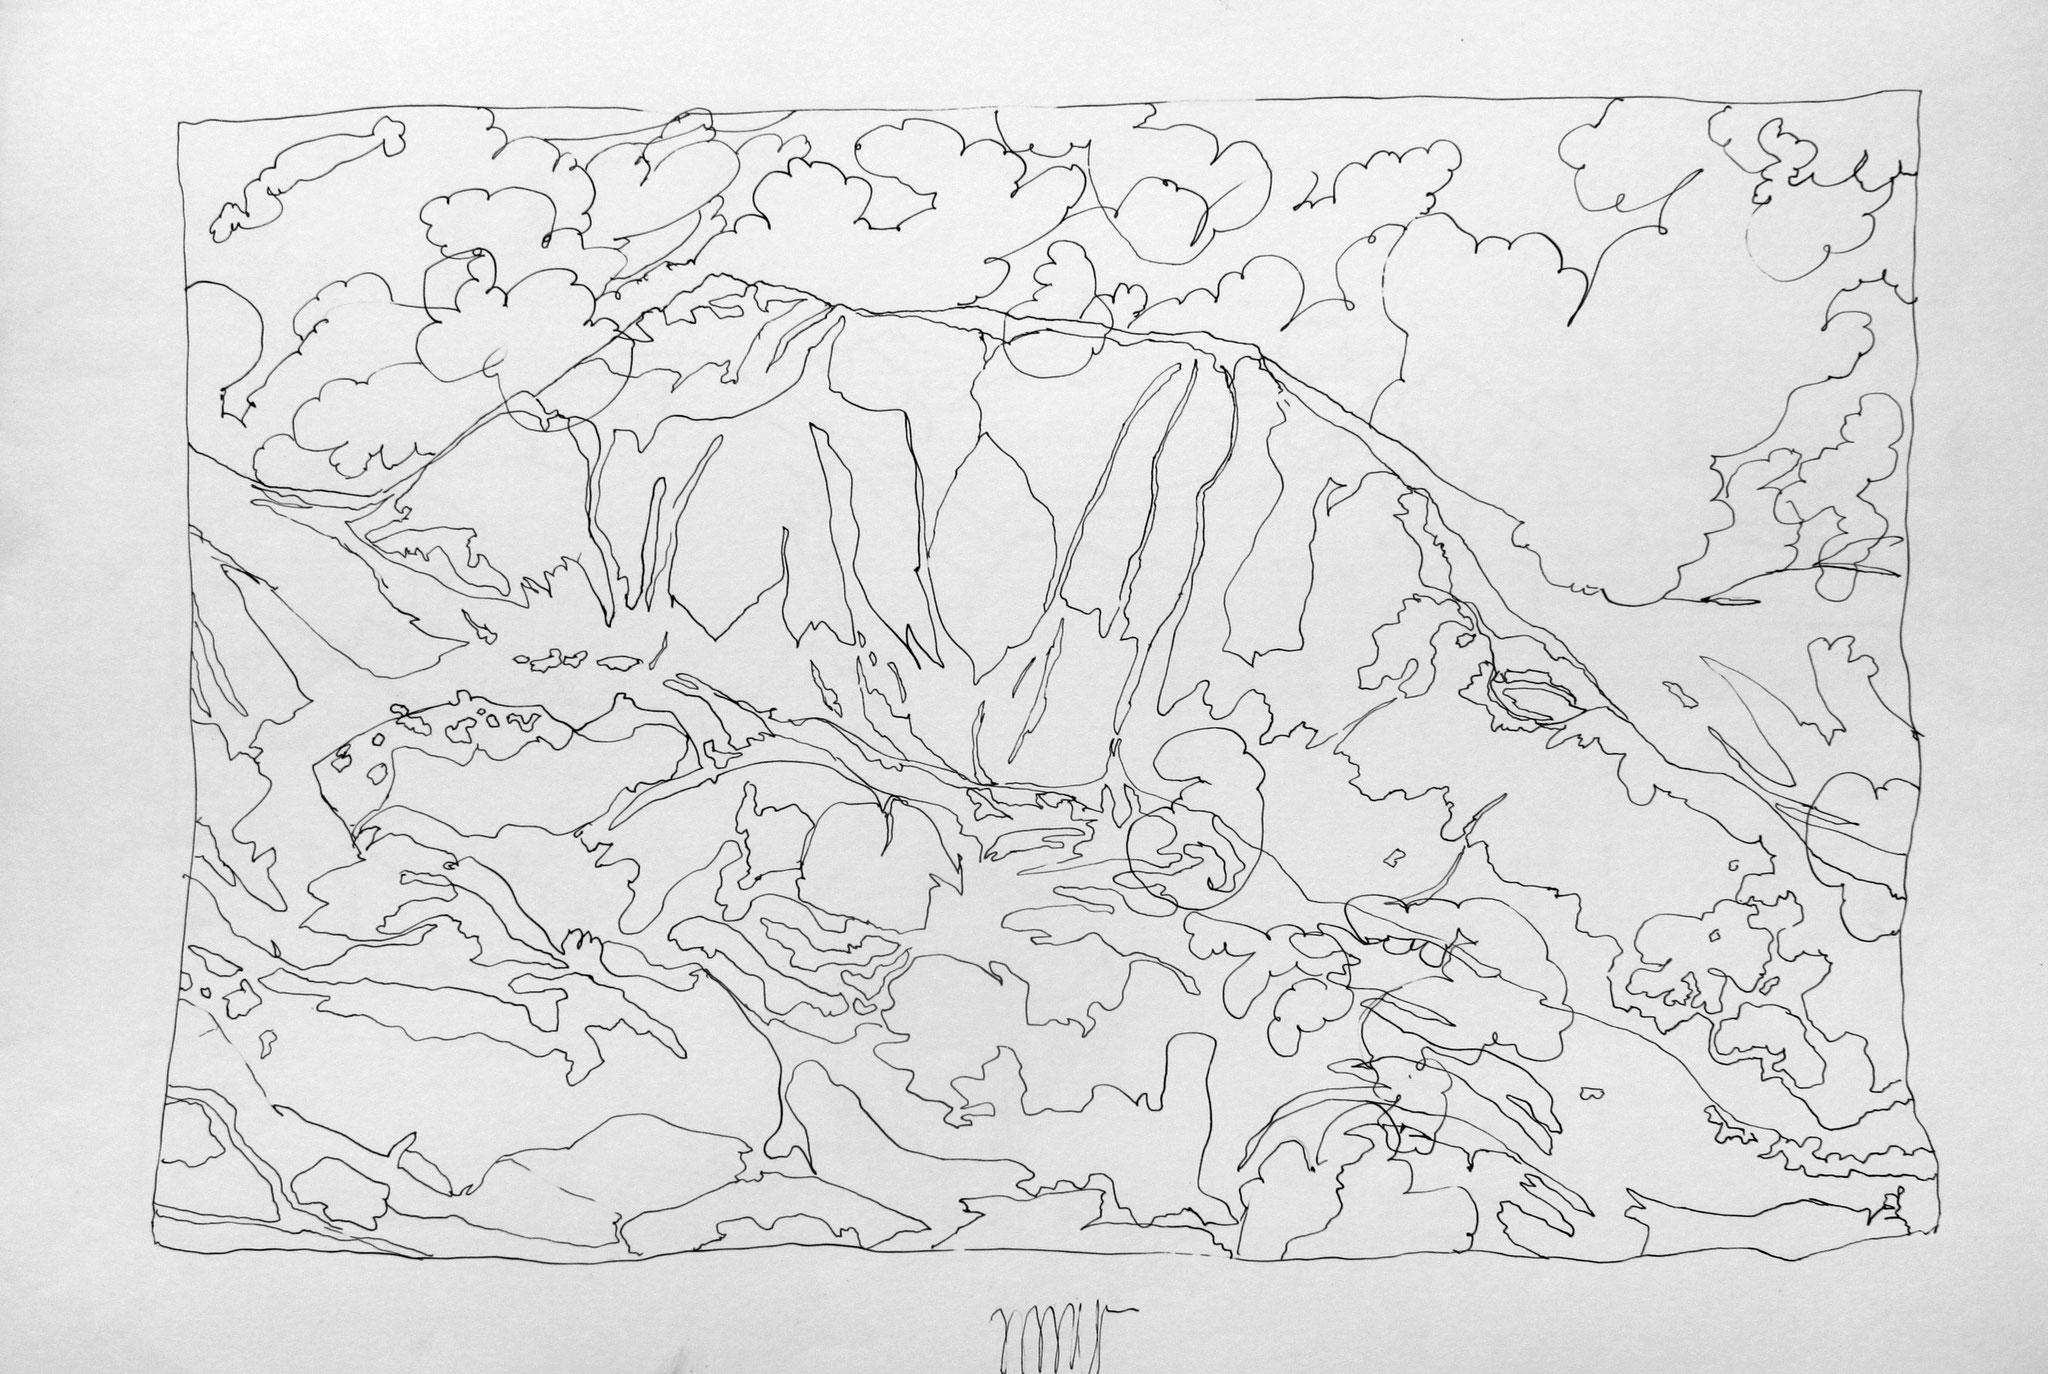 Brandstätterkogel, Seckauer Tauern, 1985, Stahlfederzeichnung, Tusche auf Papier, 28 x 42 cm © Josef Taucher